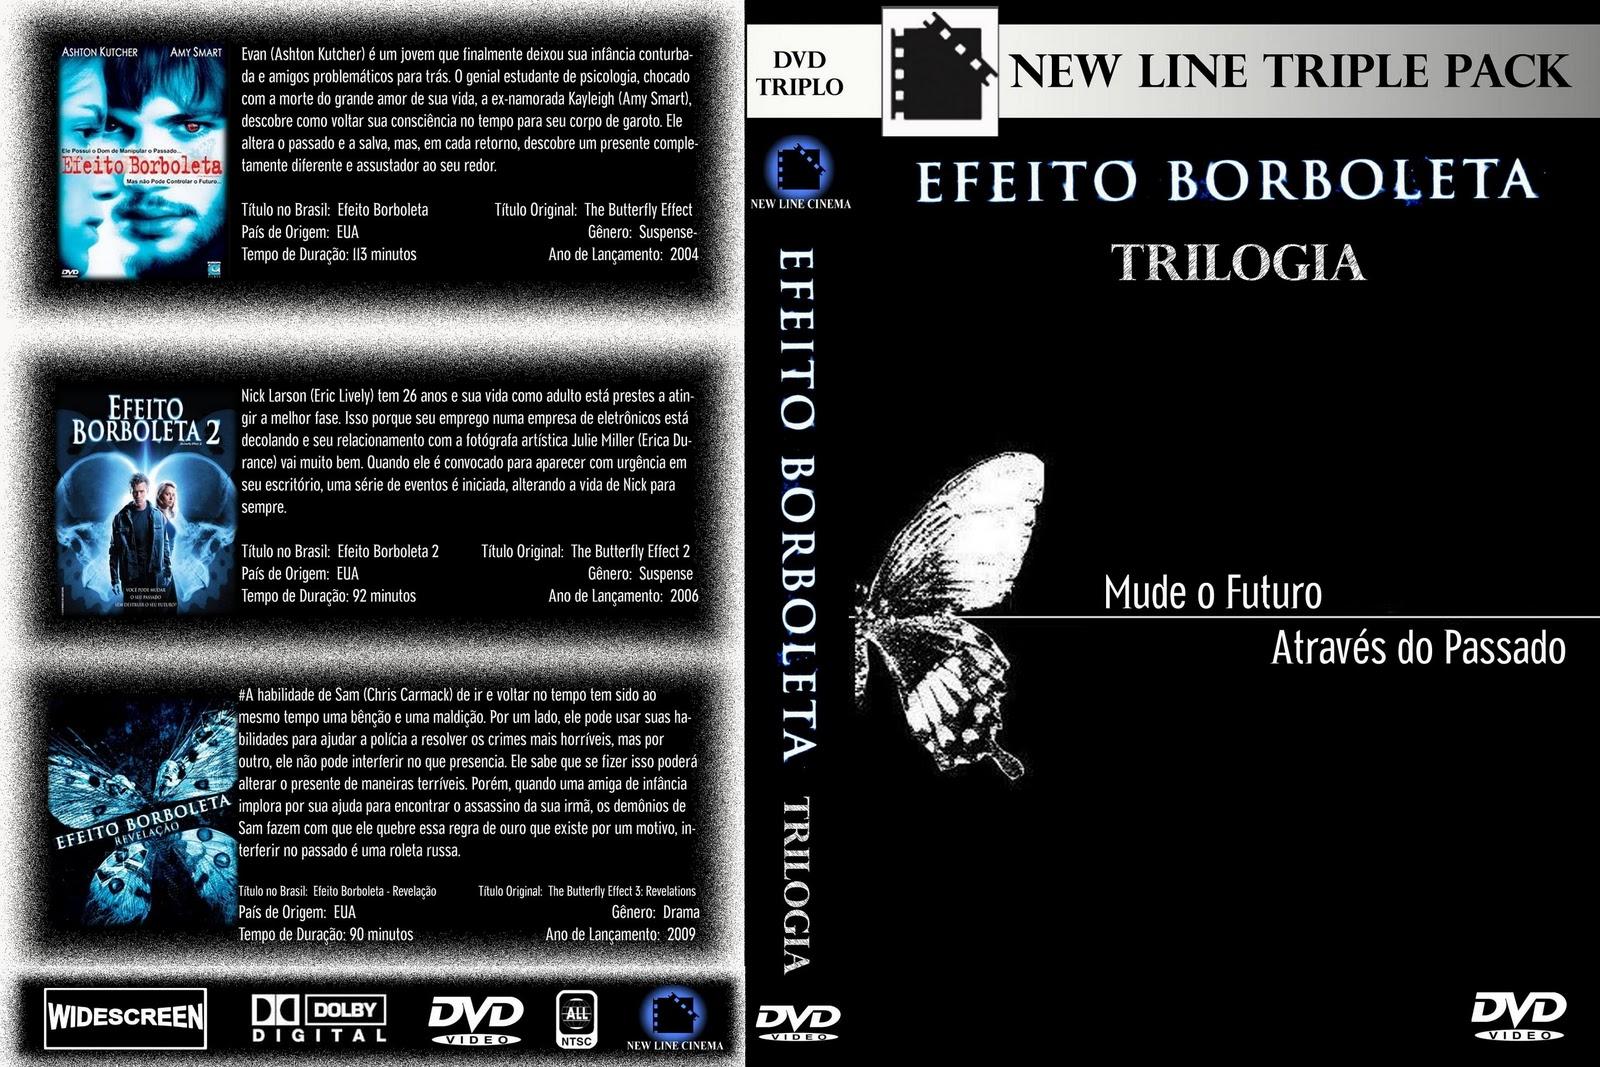 http://4.bp.blogspot.com/-NVlDjNJHFN8/T0d3xCvSPCI/AAAAAAAABAc/B6Bg1pZ-xUQ/s1600/Efeito_Borboleta_-_Trilogia.jpg